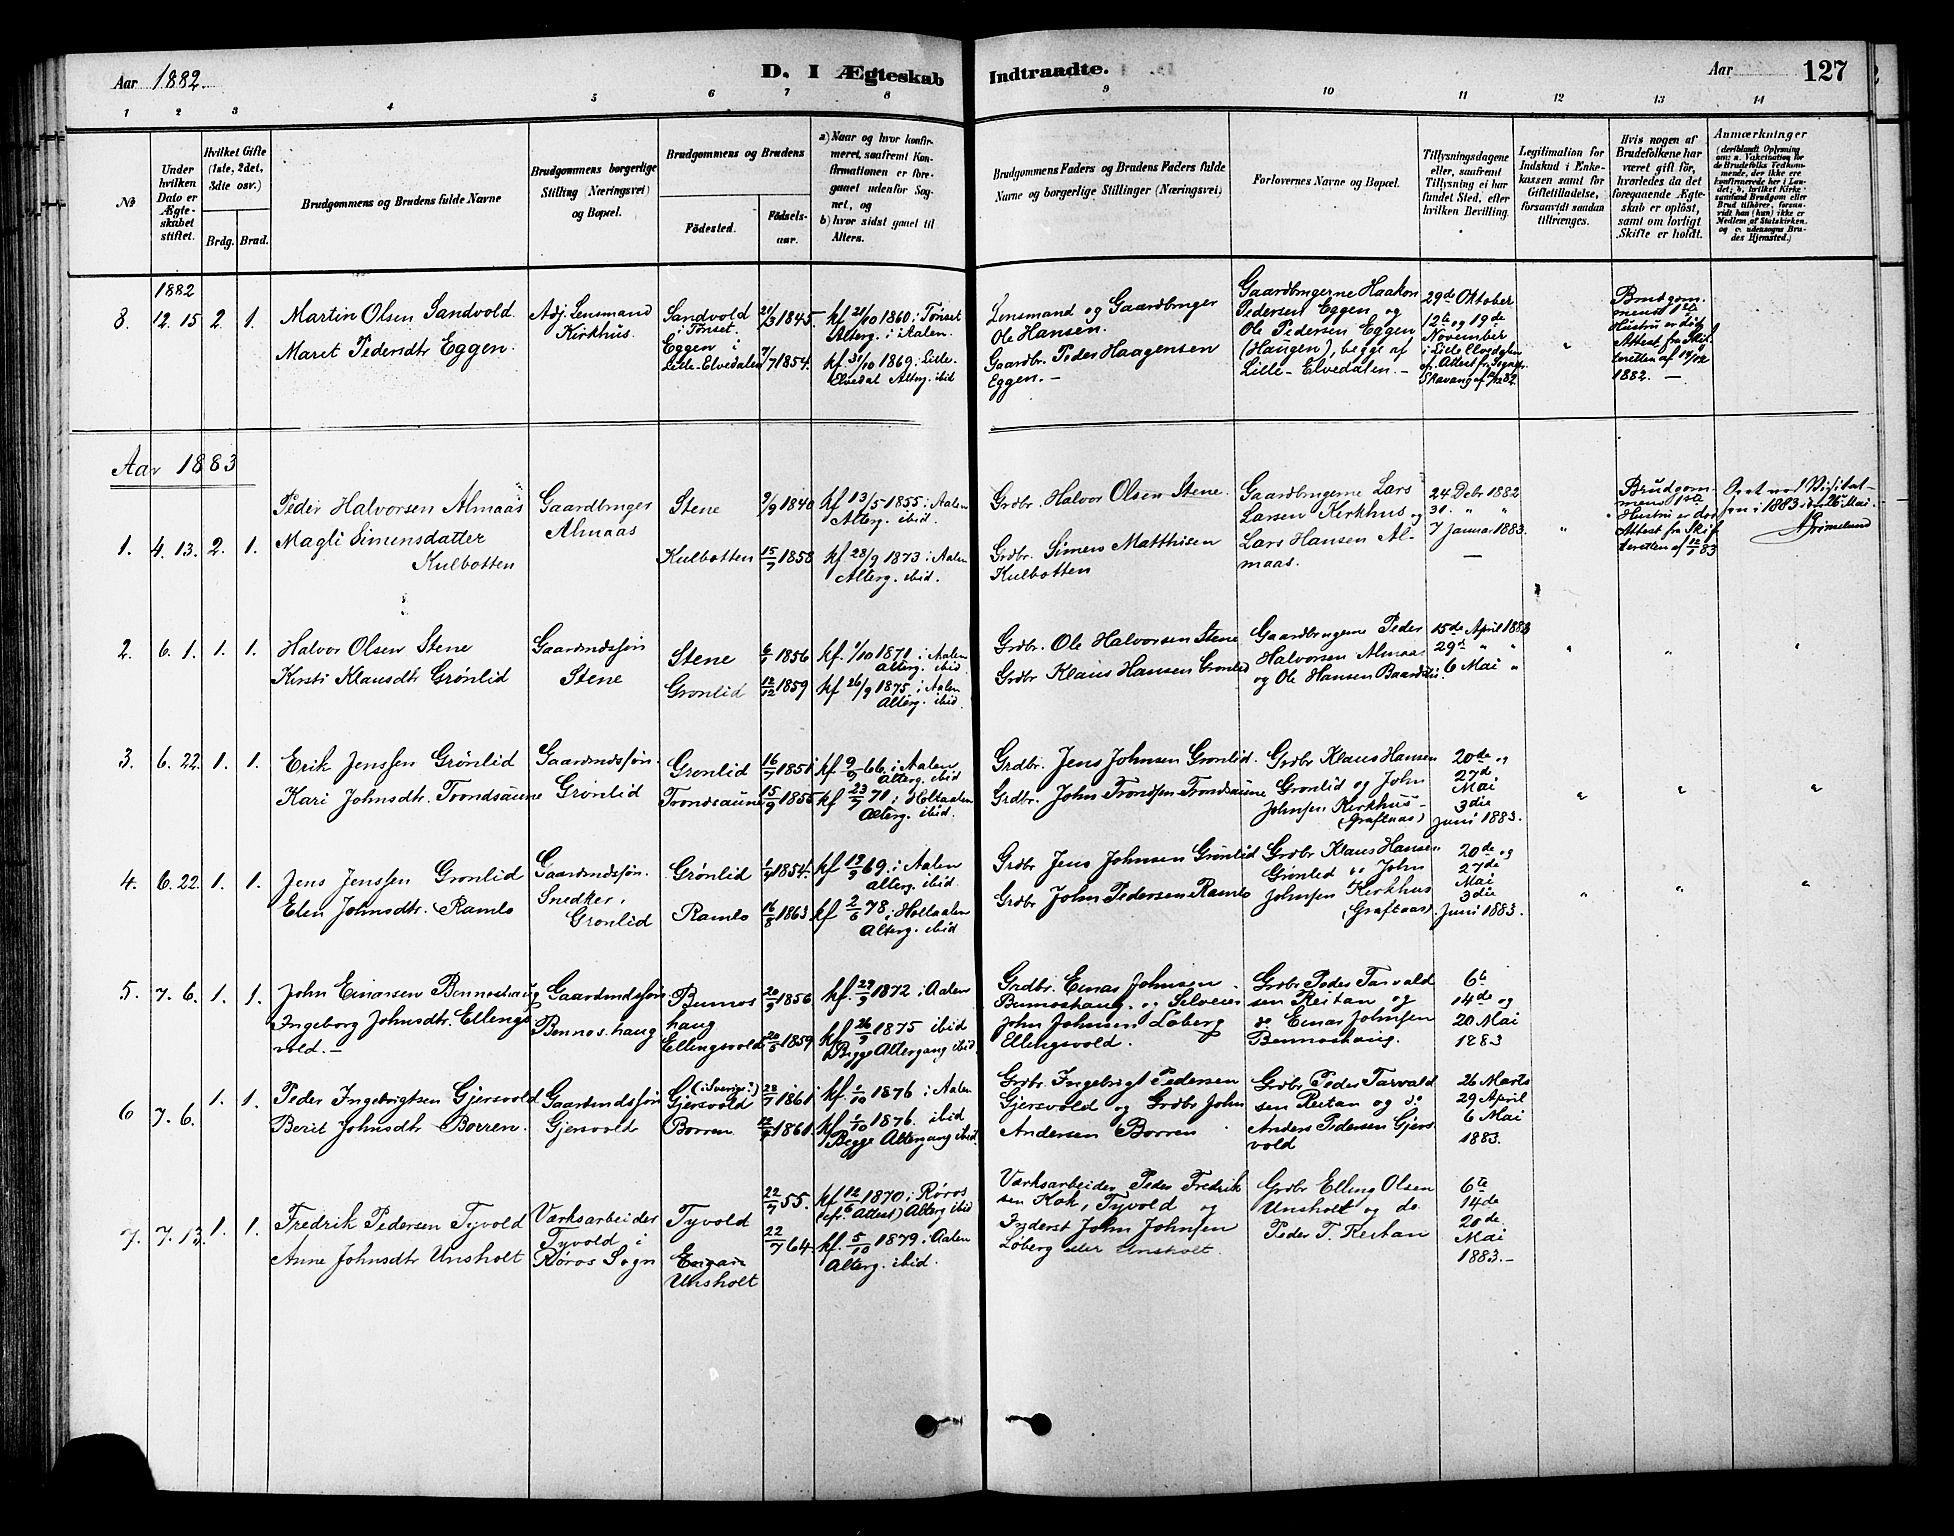 SAT, Ministerialprotokoller, klokkerbøker og fødselsregistre - Sør-Trøndelag, 686/L0983: Ministerialbok nr. 686A01, 1879-1890, s. 127